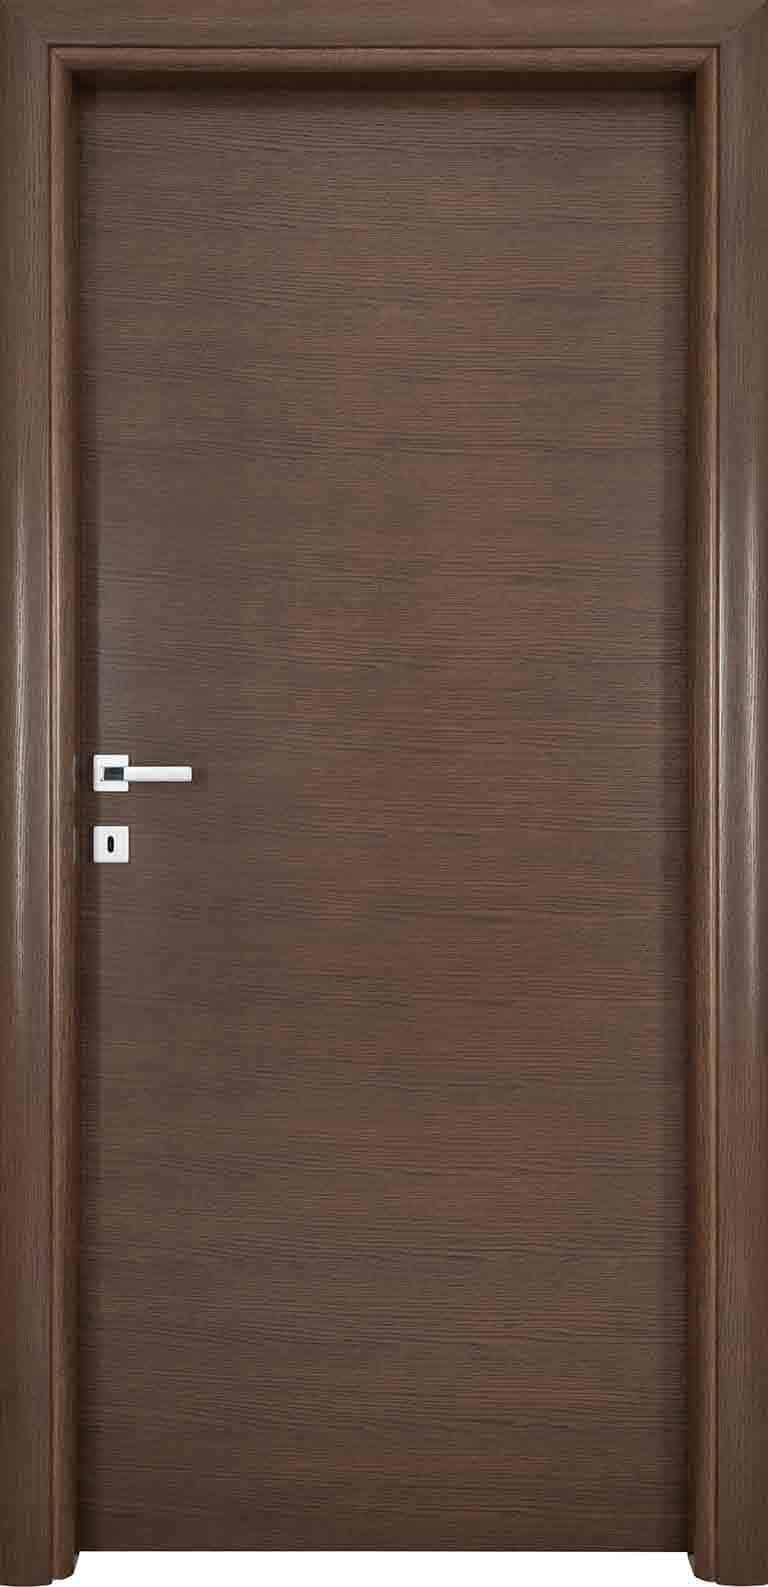 protuprovalna vrata forlux furnir tamni